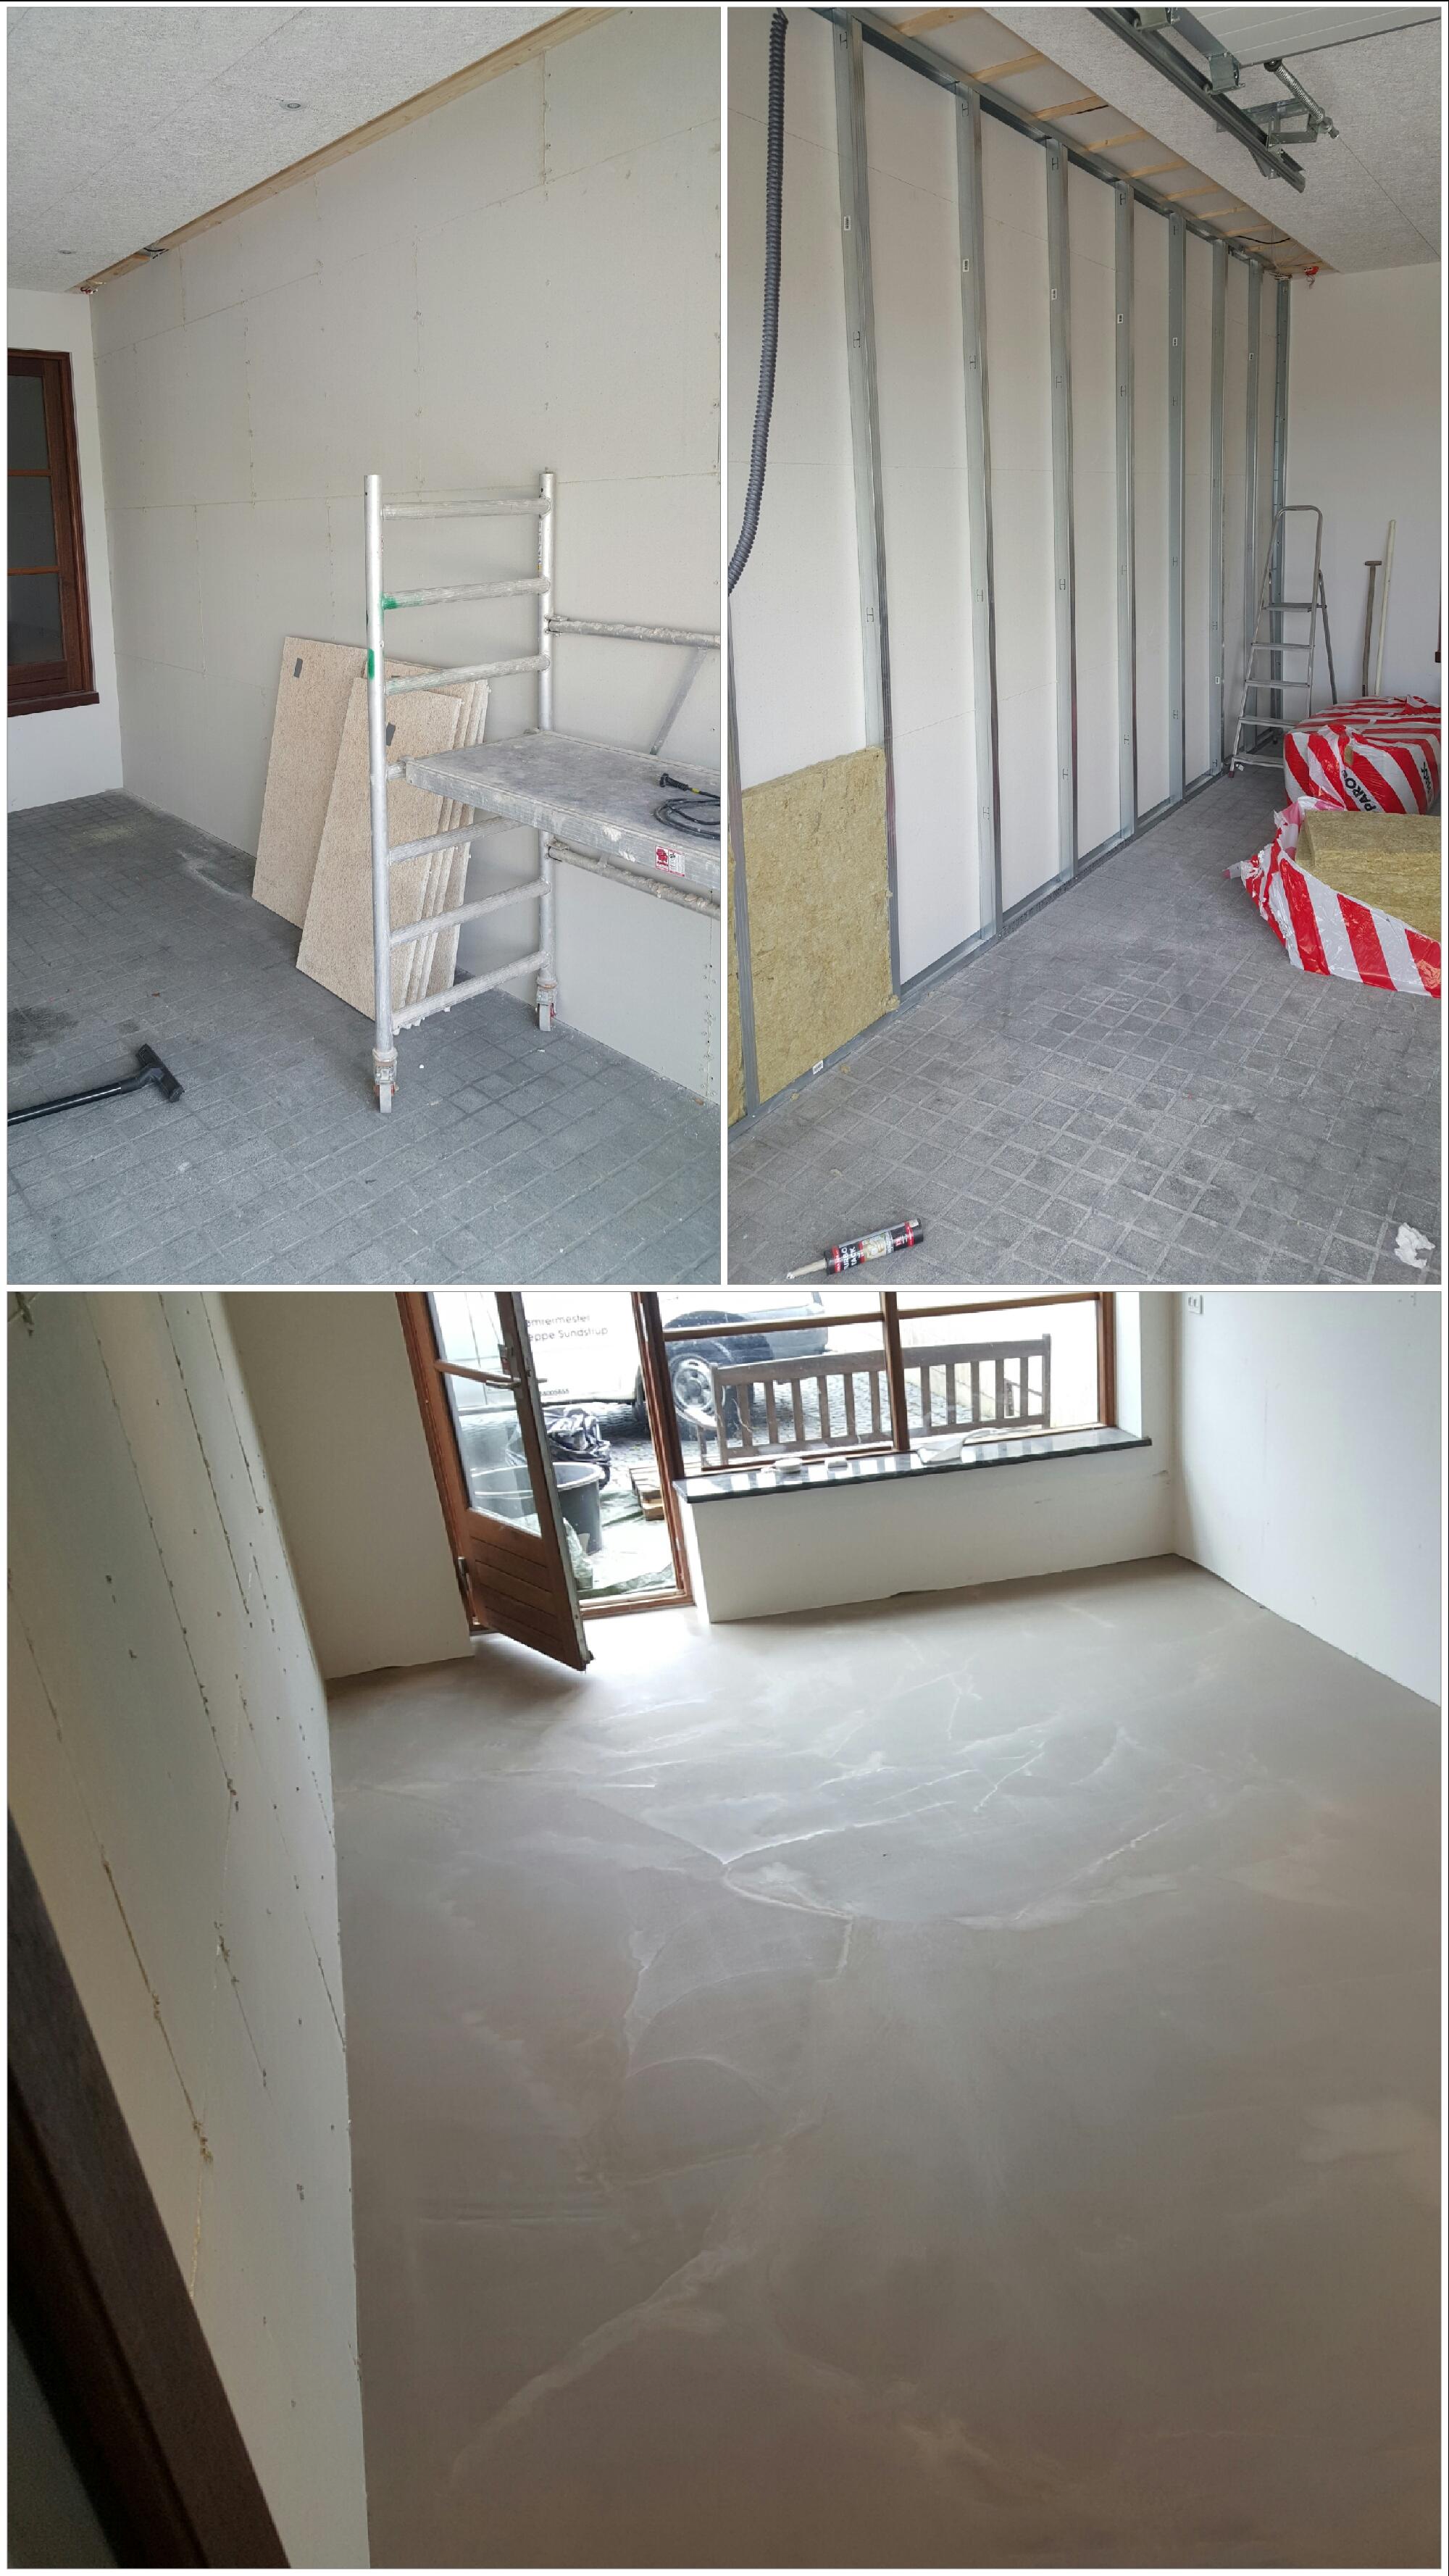 Opsætning af fermacell fibergips højvæg, afretning af gulv ved brug af flydespartels niveleringen og efterfølgende lægning af marine plank med afsluttende lister med mere.